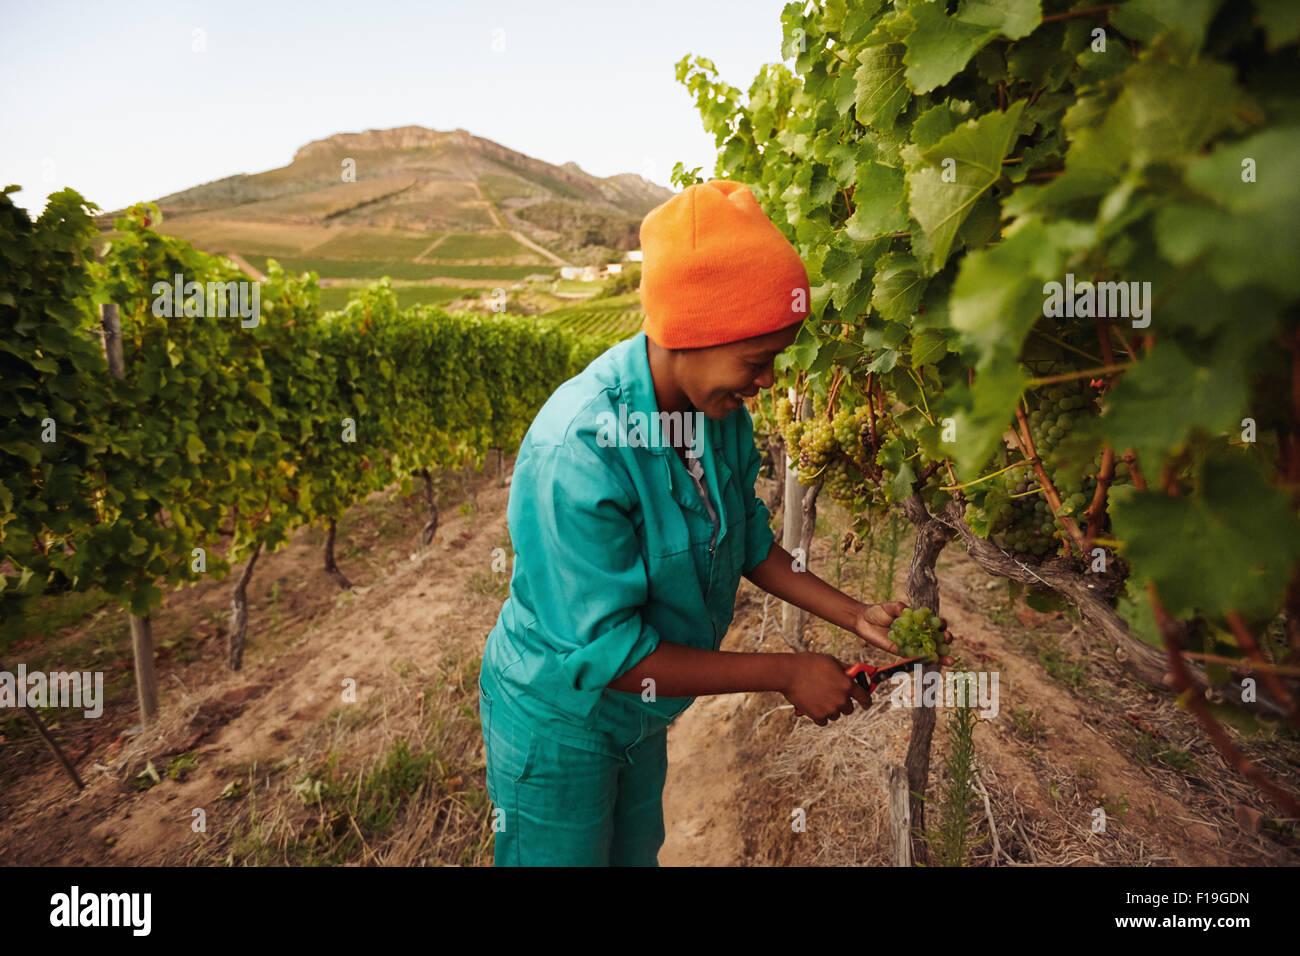 Frau im Weinberg Kommissionierung Traube. Picker Ernte Trauben am Rebstock. Stockbild